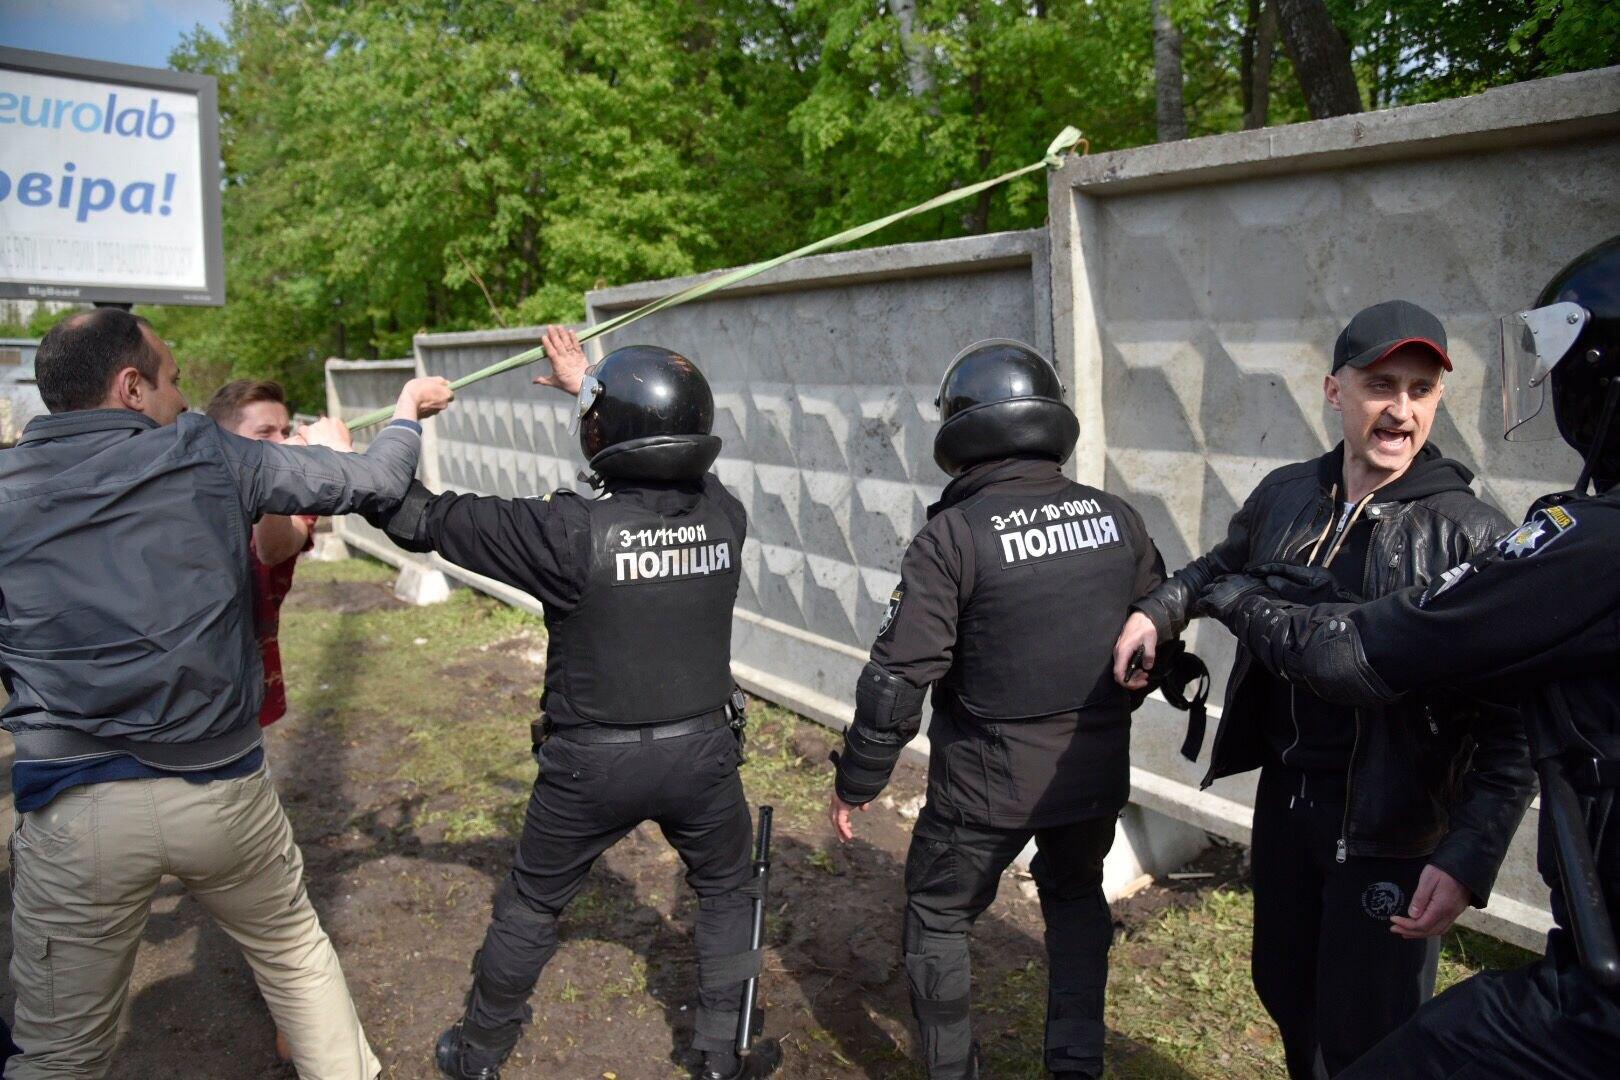 Мужчина в кожаной куртке координирует действия титушок и людей в полицейской форме.